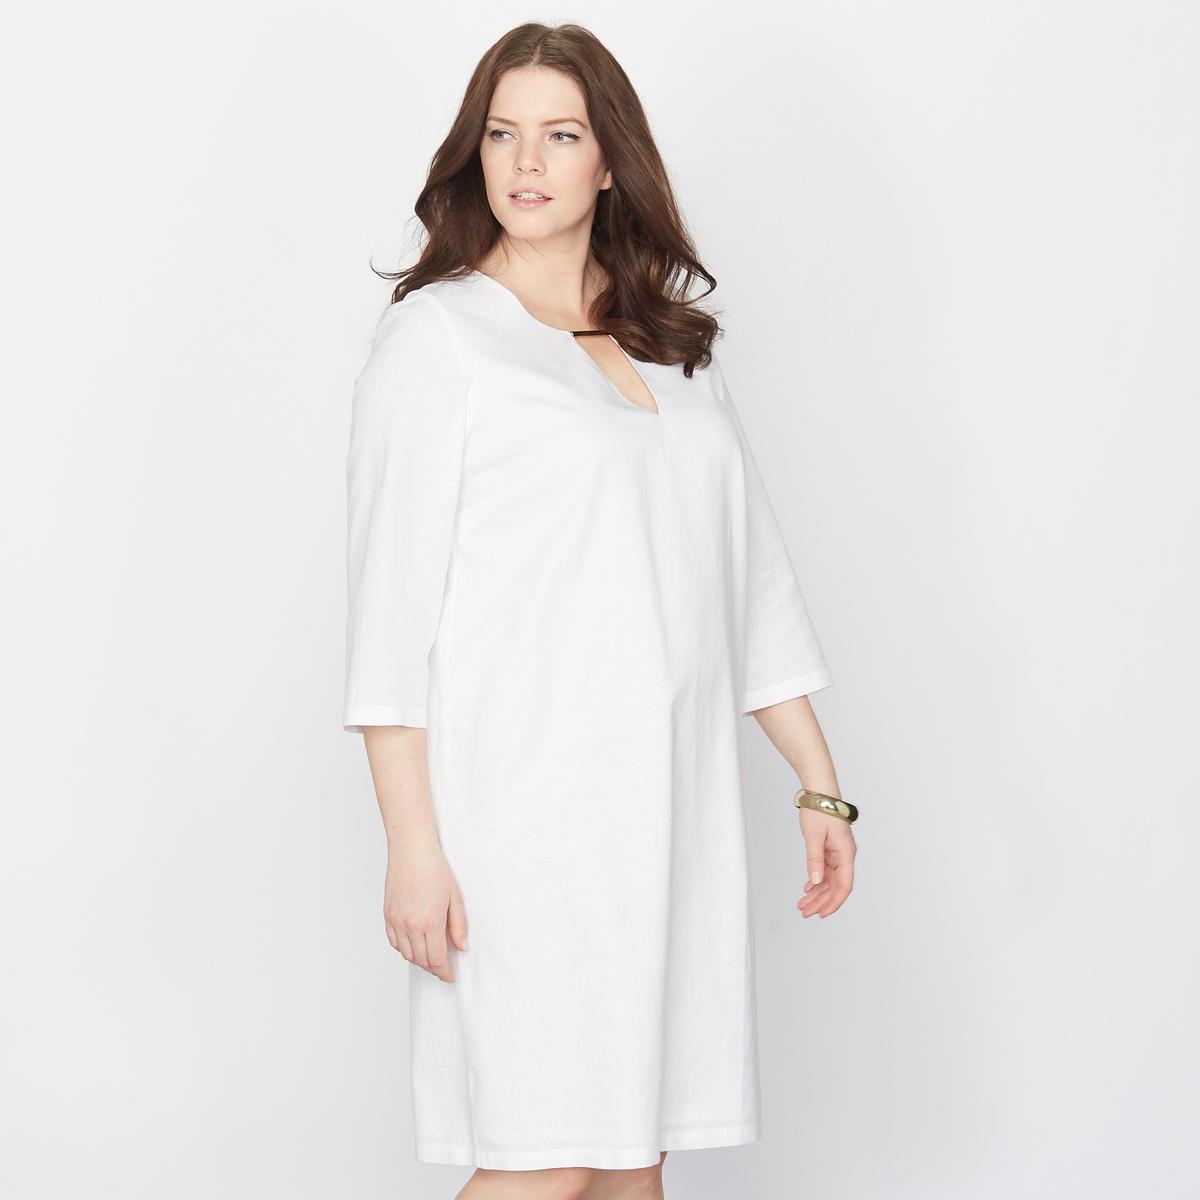 Платье изо льна и хлопкаМаленькое белое платье изо льна и хлопка.Незаменимо в летнем гардеробе. Декольте с деталью в виде украшения. 55 % льна, 45 % хлопка. V-образный вырез.   Рукава 3/4.Длина: 96 см.<br><br>Цвет: белый<br>Размер: 46 (FR) - 52 (RUS)